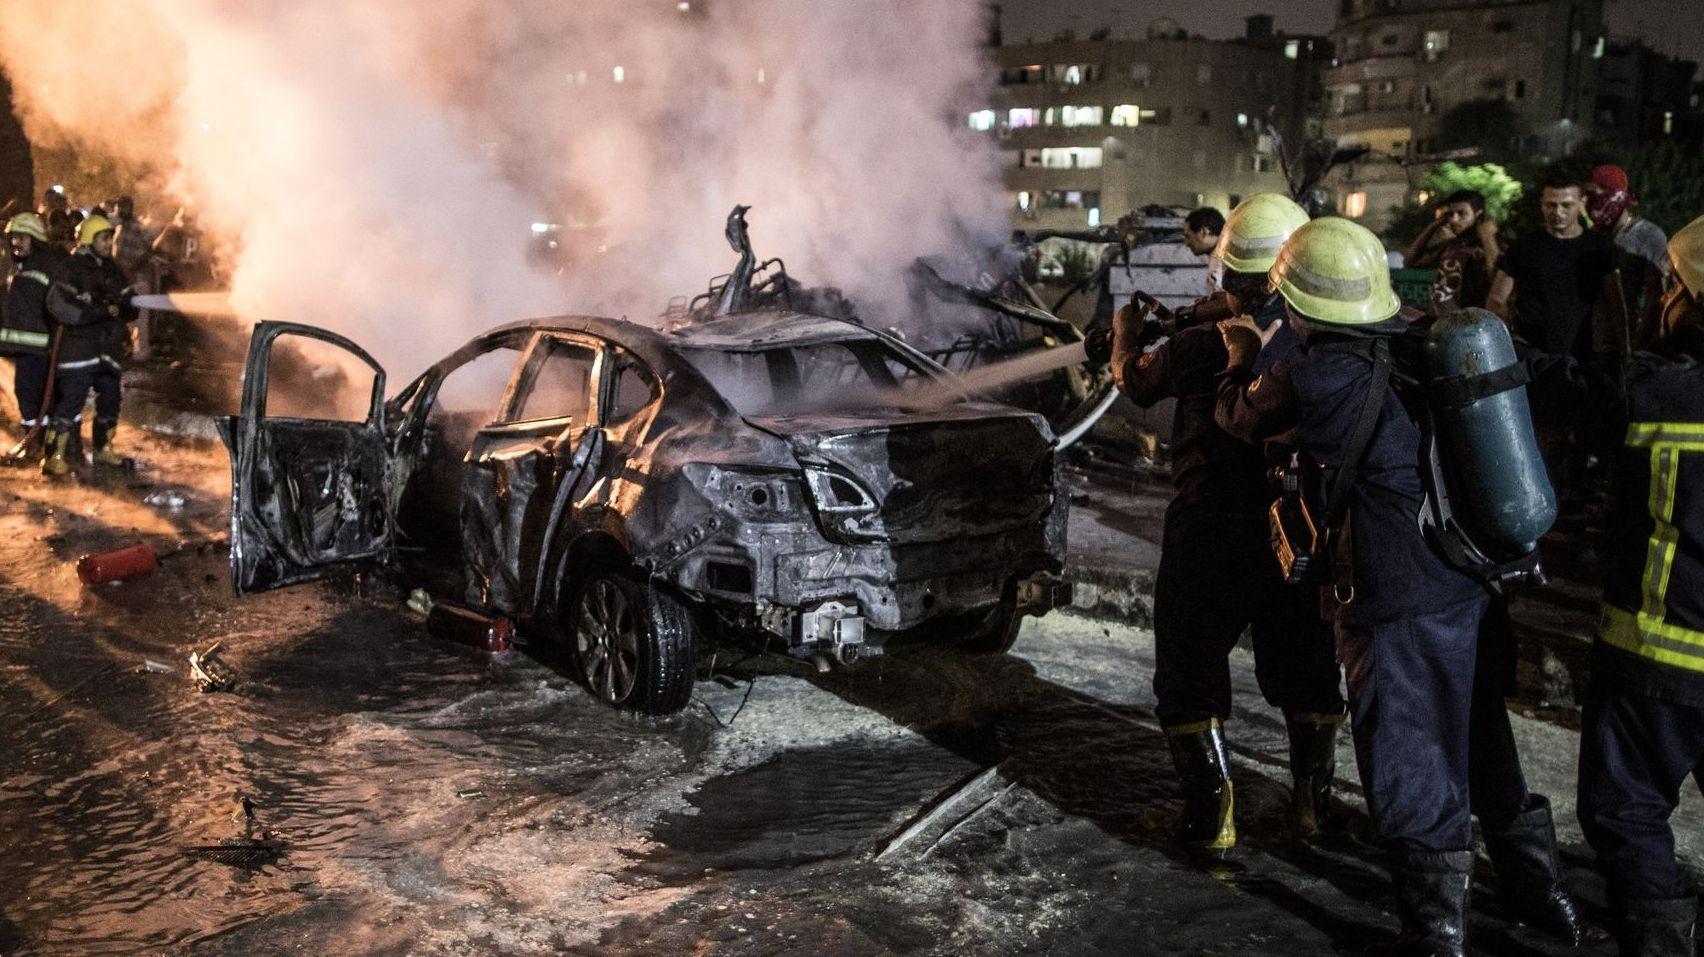 Kairo: Feuerwehrmänner löschen ein brennendes Auto nach einer Explosion in der Nähe des Krebsforschungsinstituts.